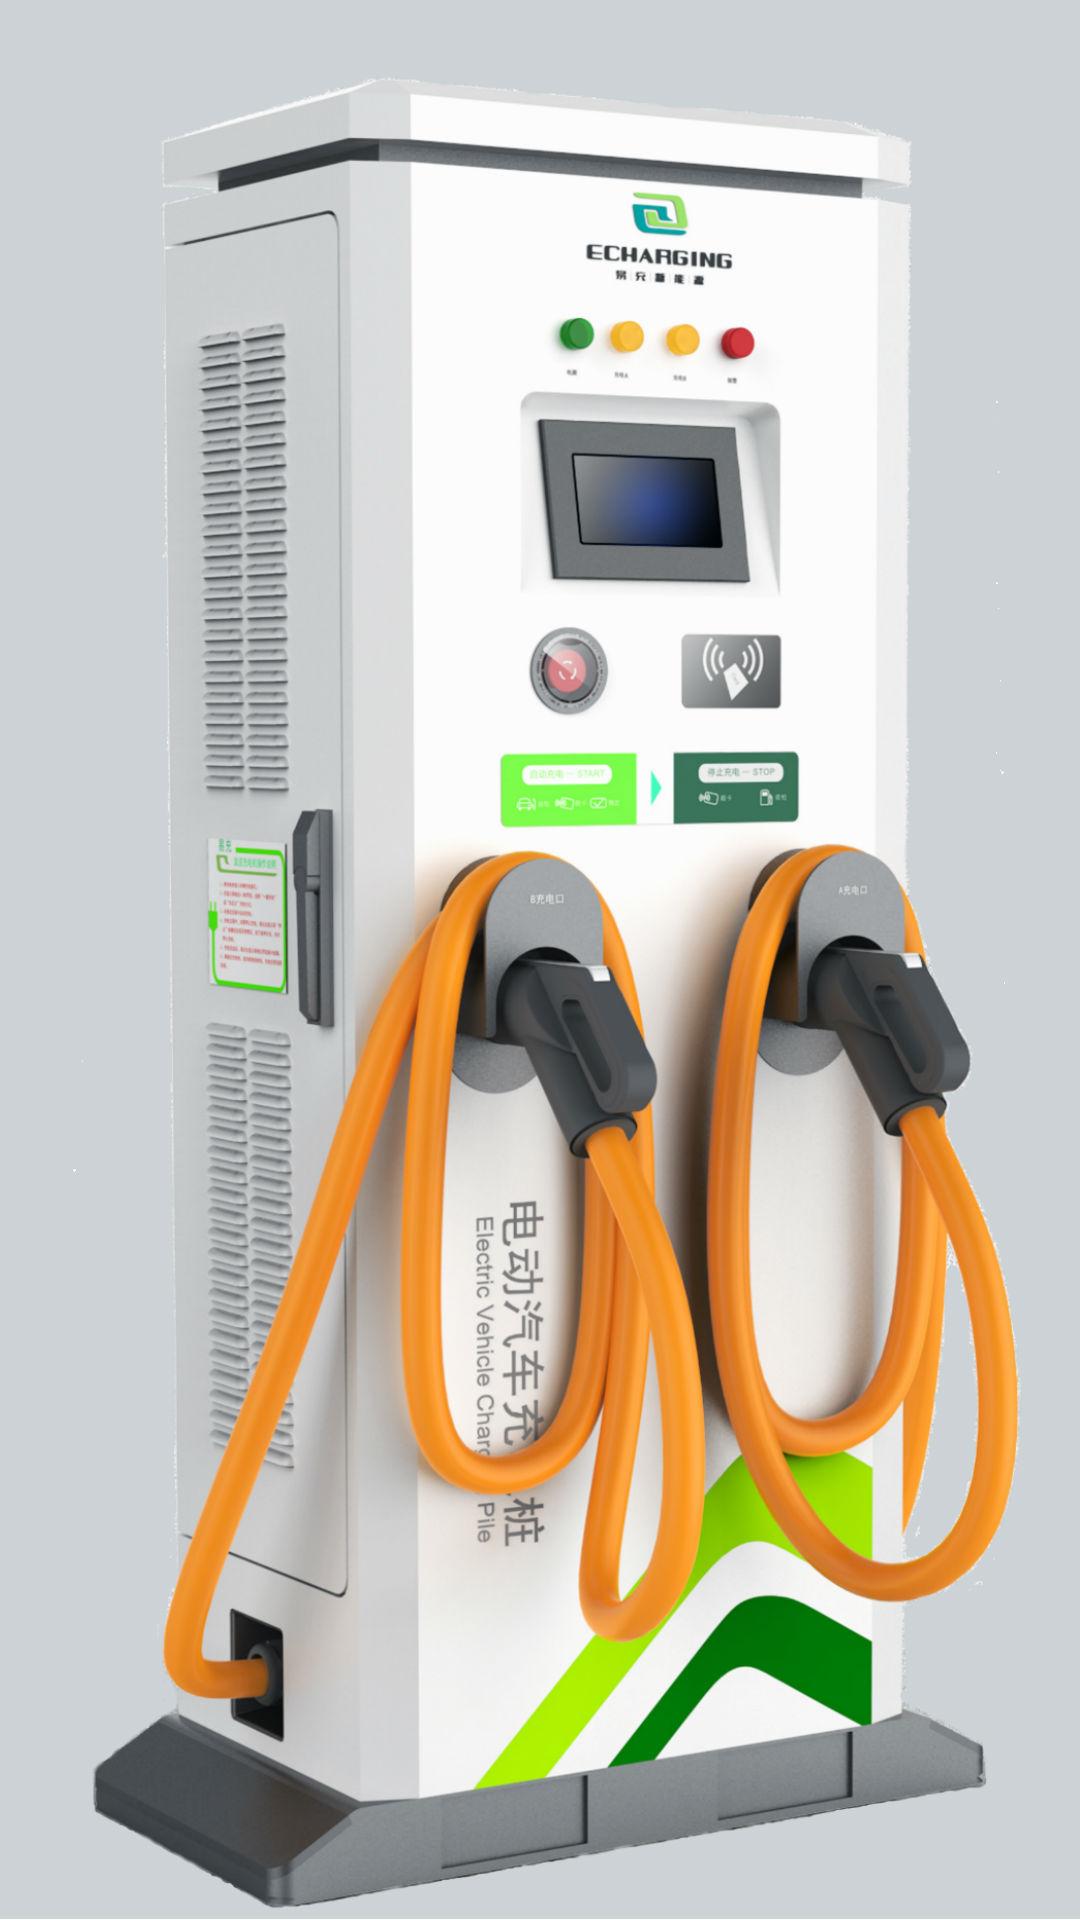 新能源|中国充电桩运营业发展现状?#21644;?#37096;企业已现,九成难以盈利